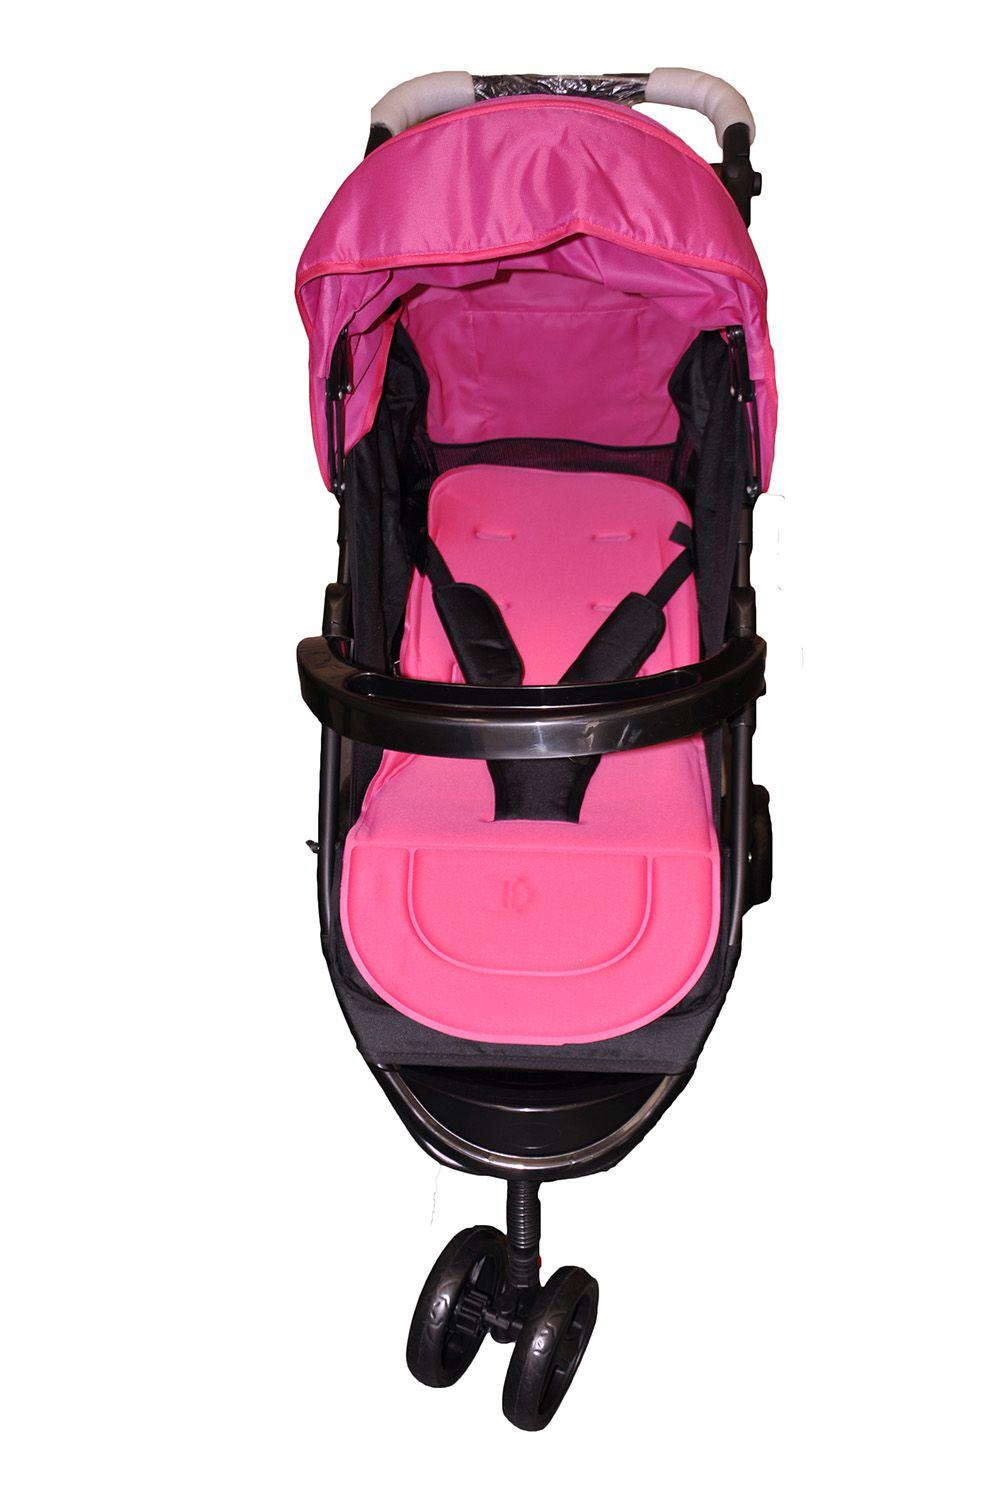 Carrinho Twist P/ Bebê - rosa